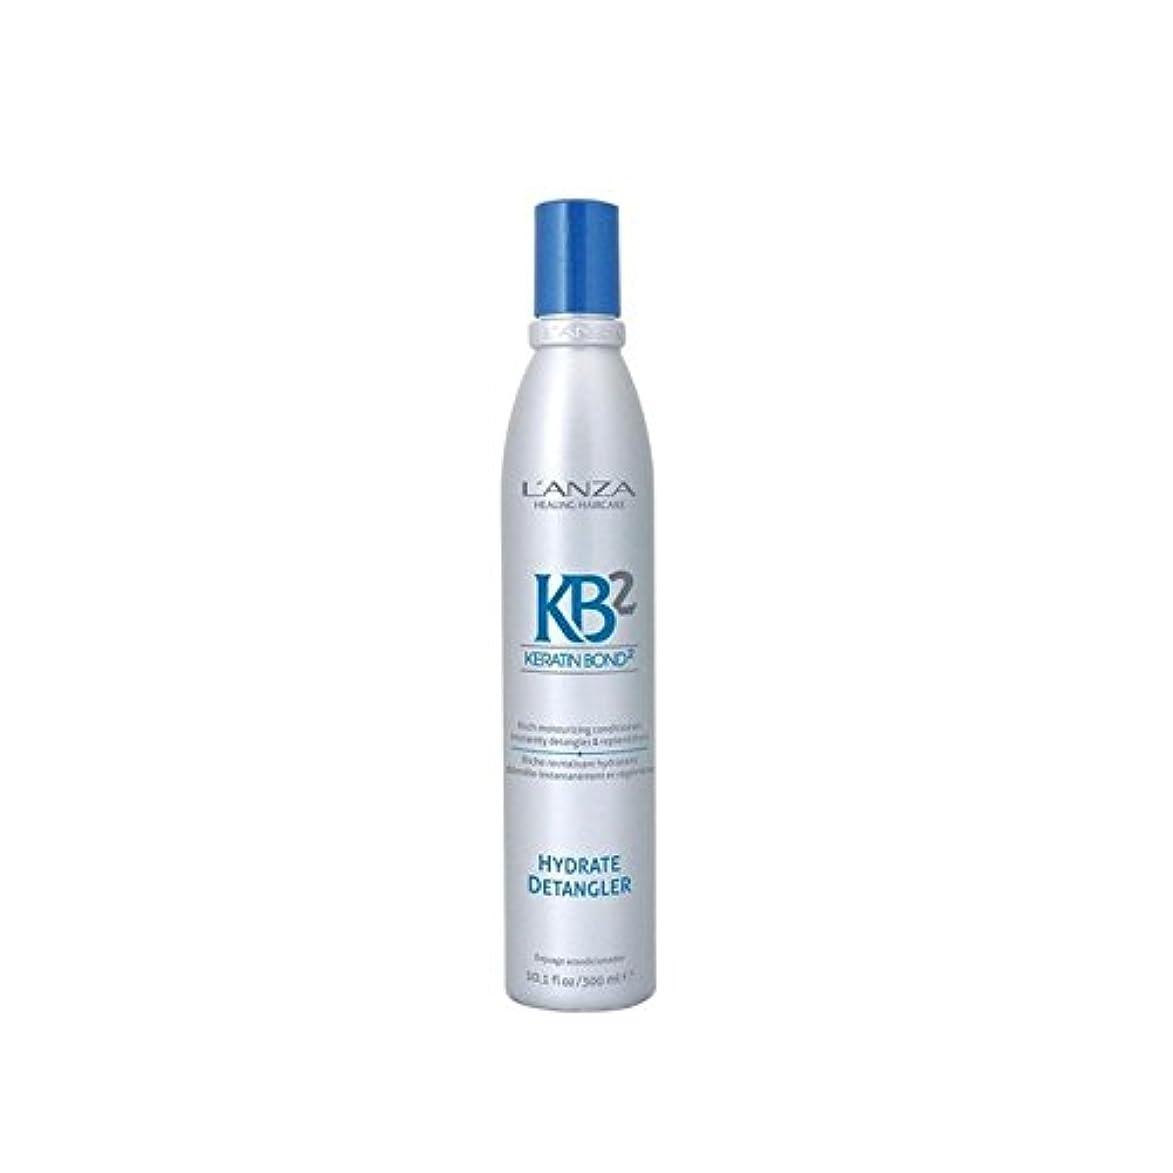 ストレスの多い渦教会L'Anza Kb2 Hydrate Detangler (300ml) - アンザ2和物(300ミリリットル) [並行輸入品]